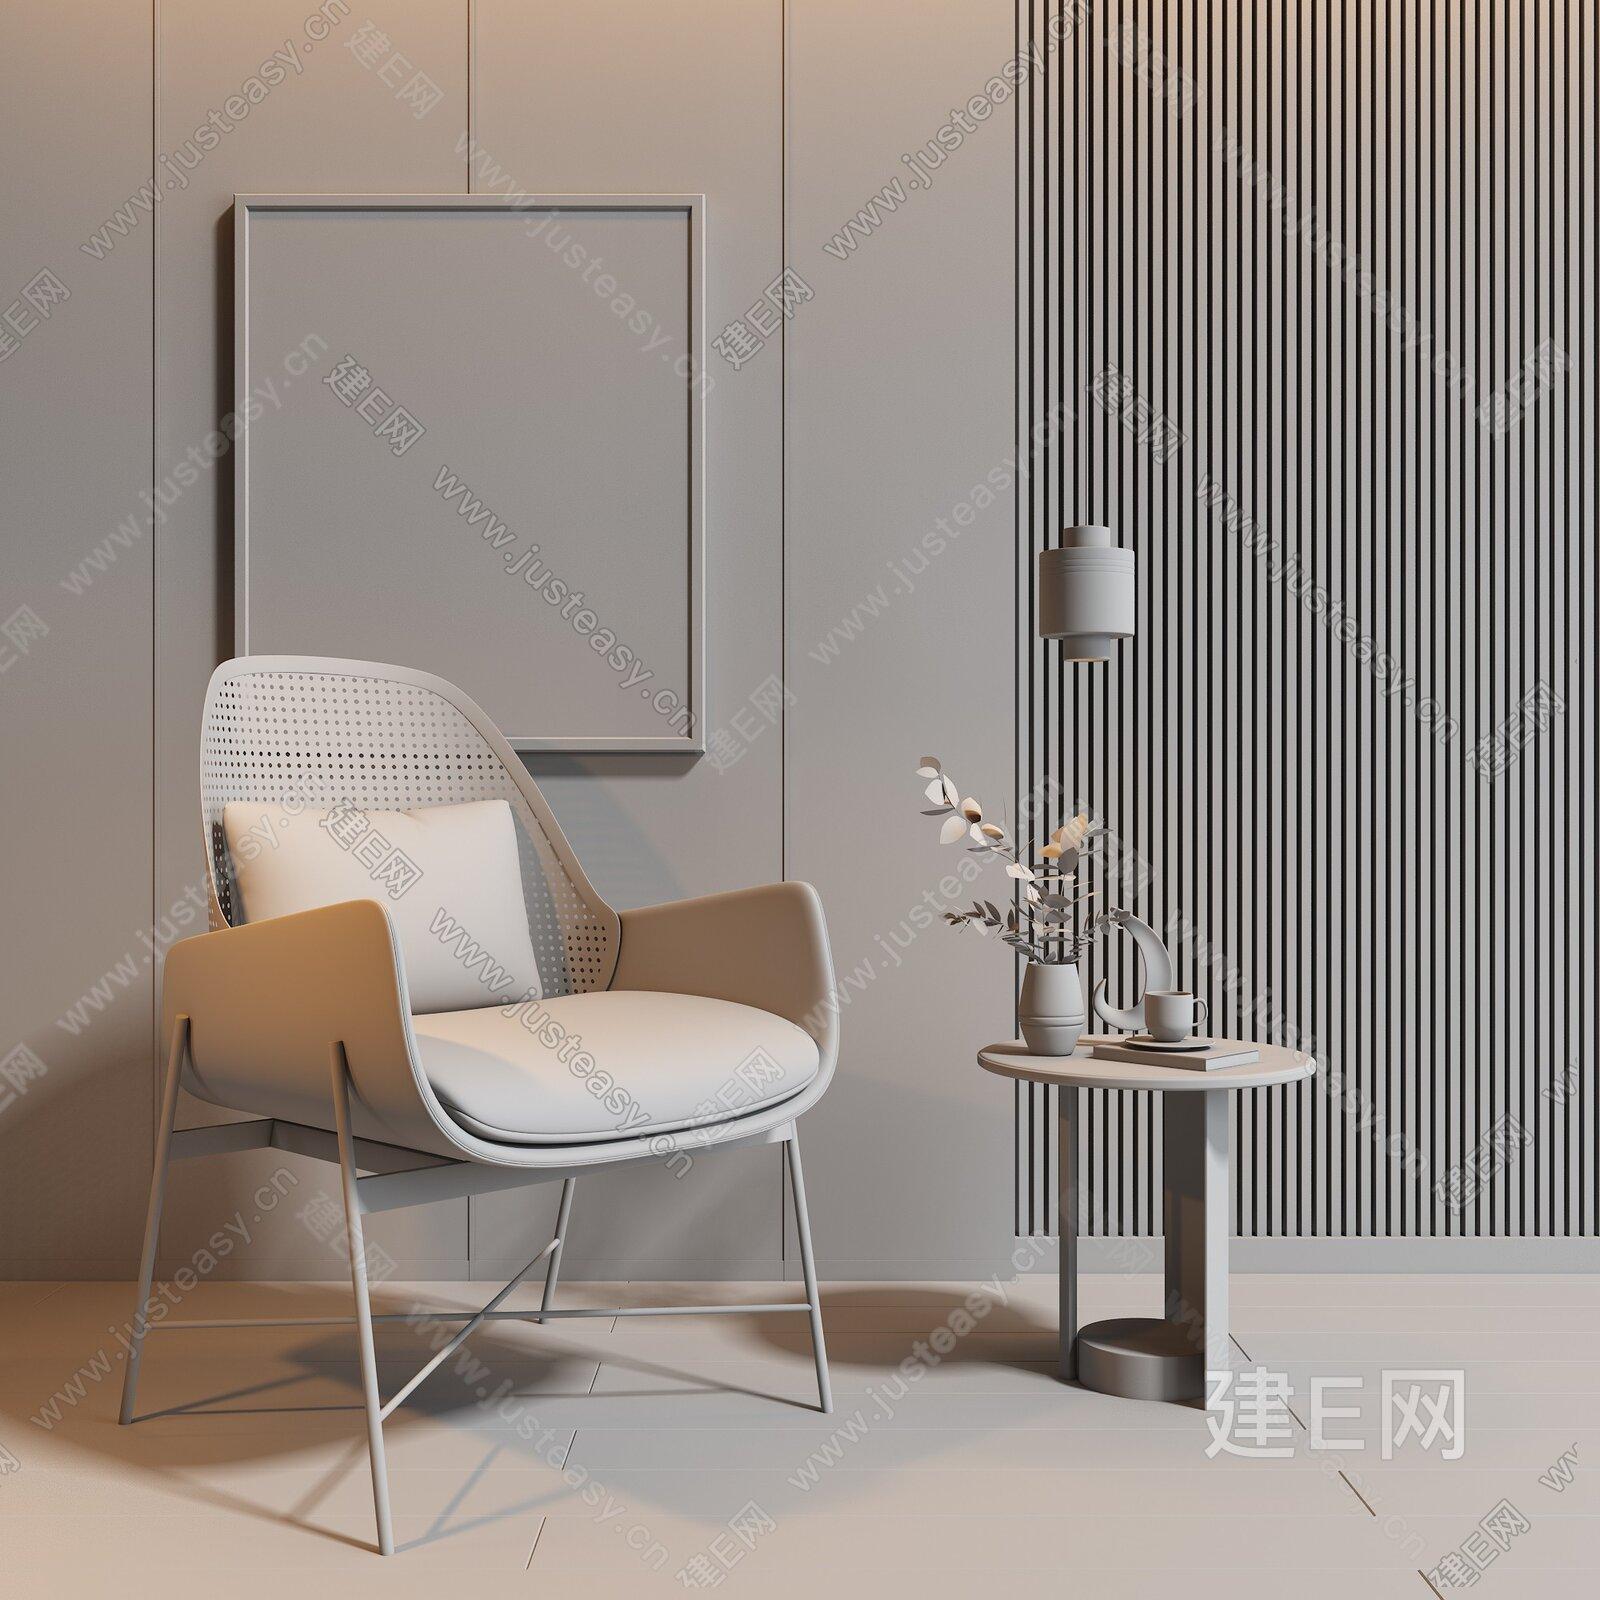 现代轻奢休闲椅边几组合3d模型